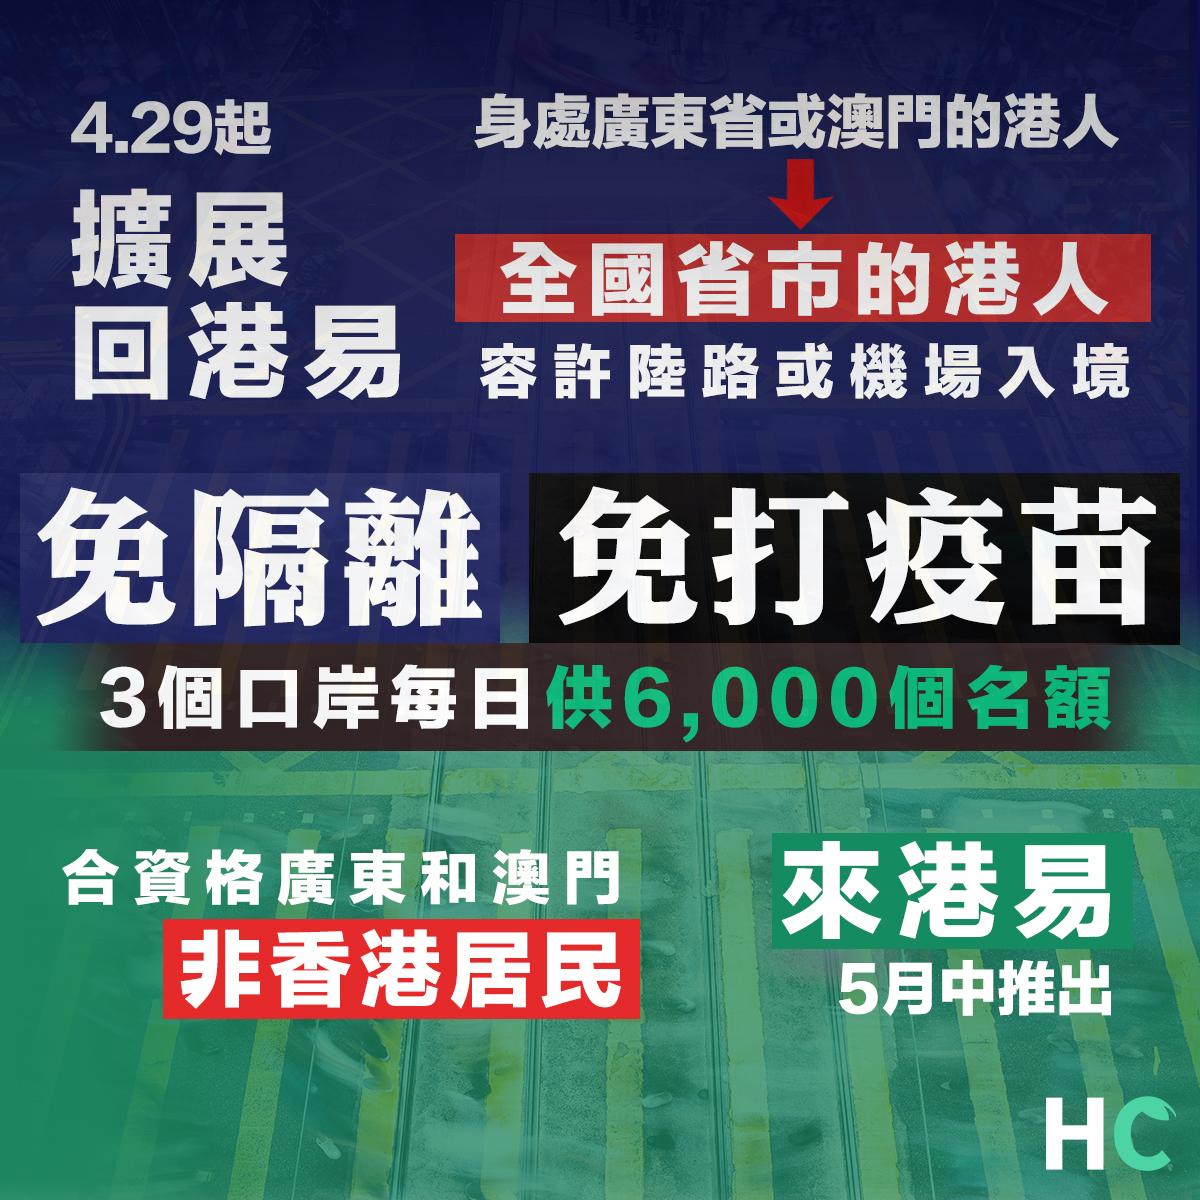 「回港易」擴展至全國省市 3個口岸每日供6,000個名額